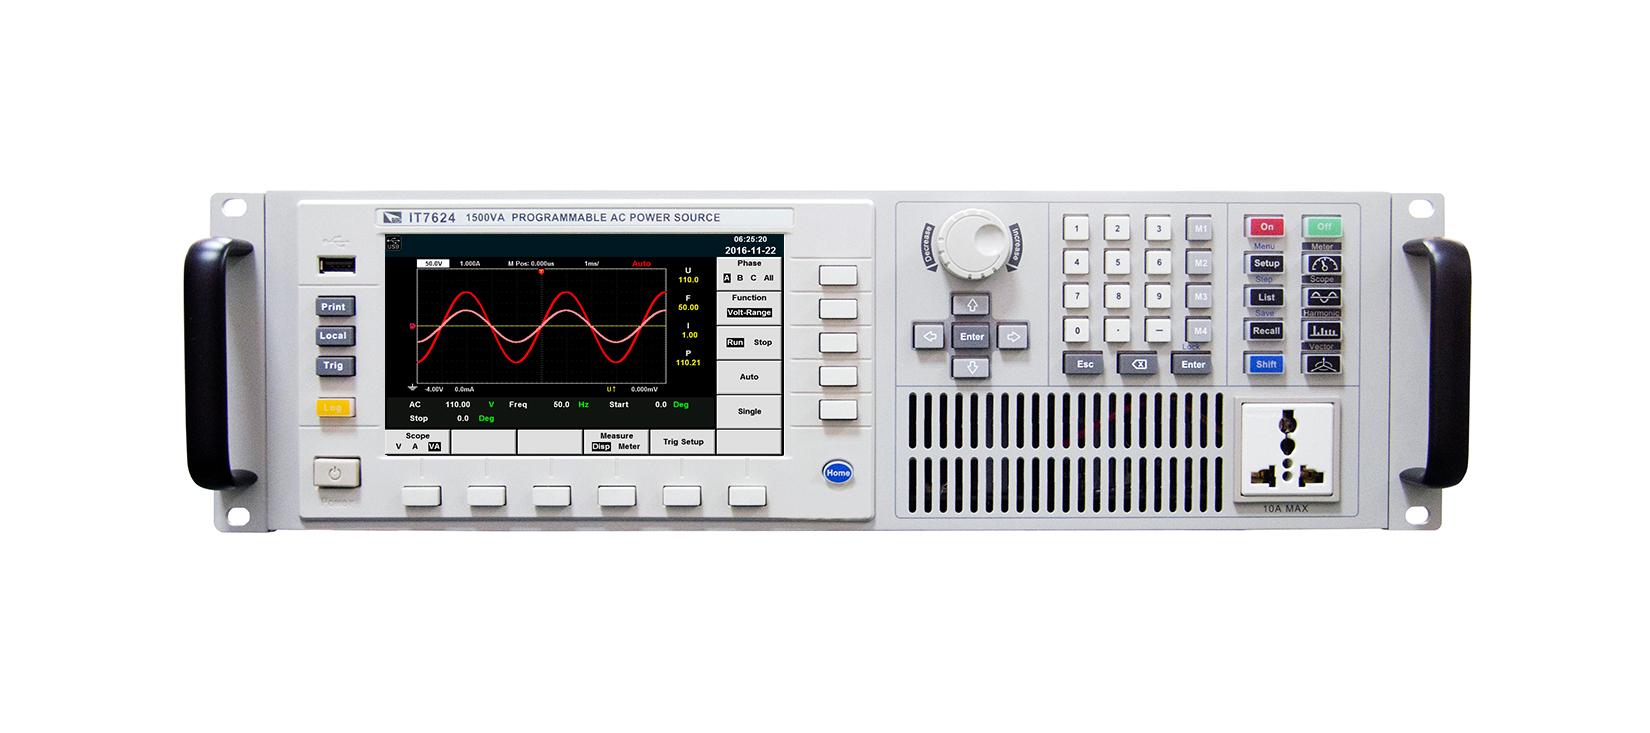 Itech IT7600 series AC power supplies